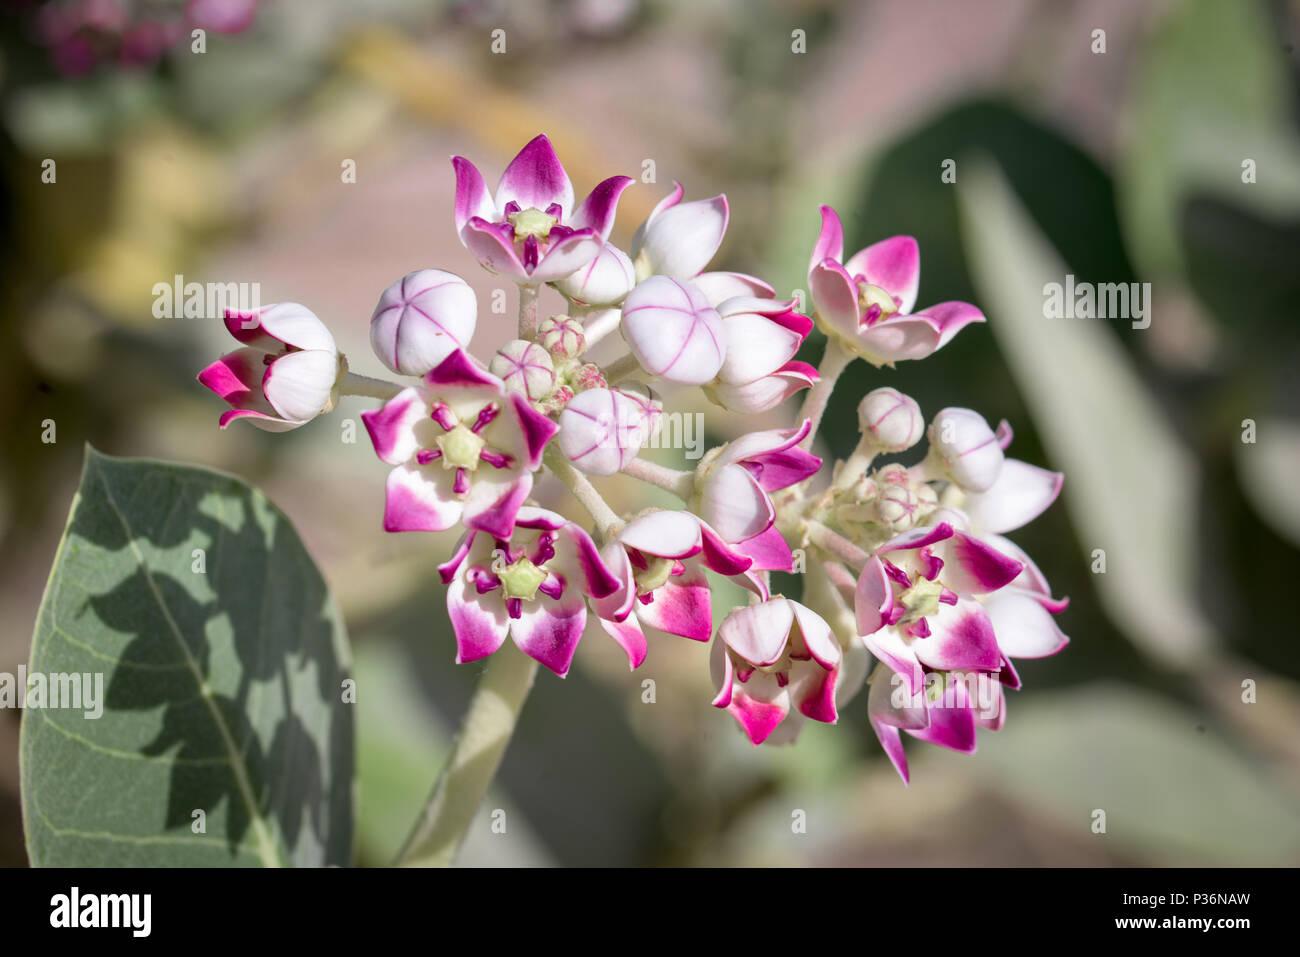 Rose Couleur Lavande Et Fleurs De La Couronne Banque D Images Photo